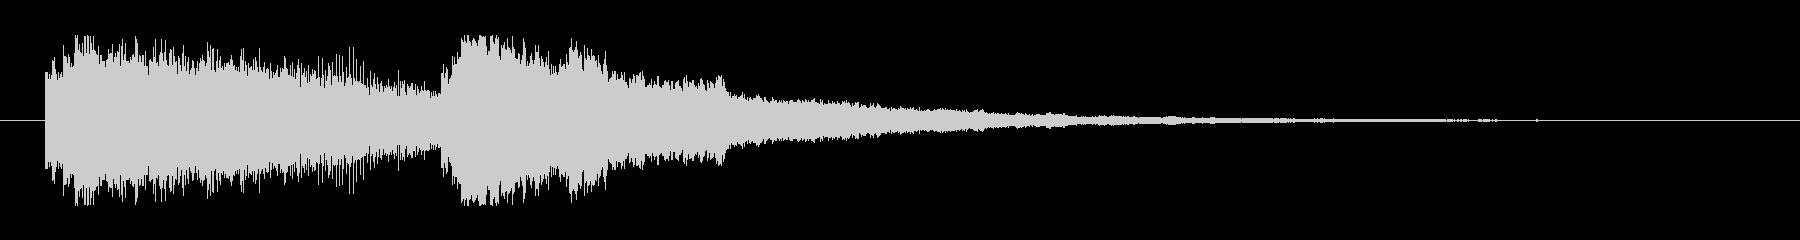 シンセ効果音 開始音・起動音などの未再生の波形